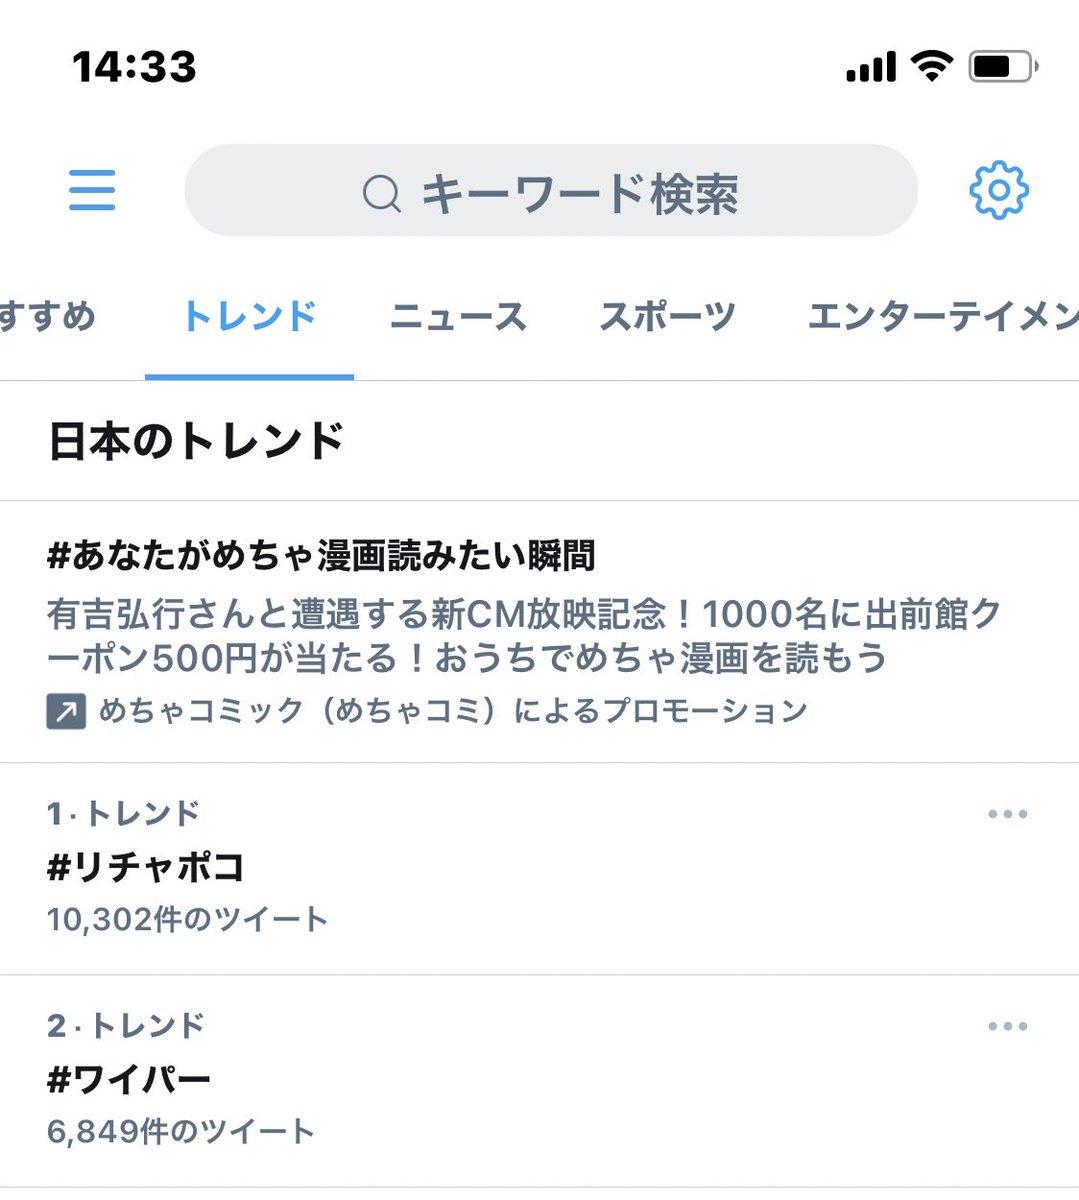 ハーフ 敬太 草間 リチャード